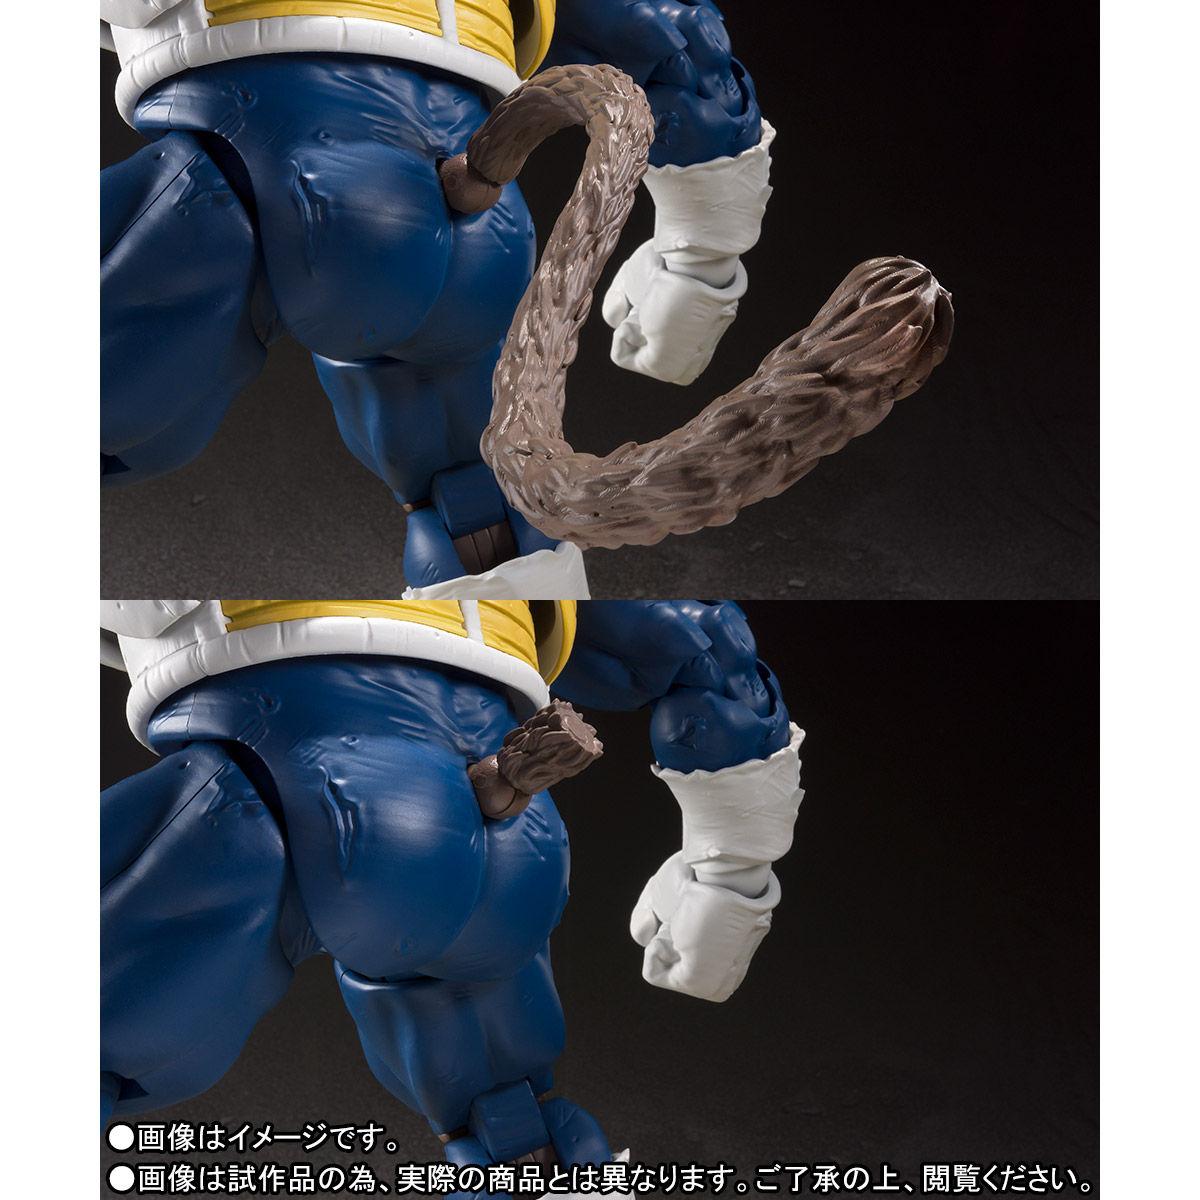 【限定販売】S.H.Figuarts『大猿ベジータ』ドラゴンボールZ 可動フィギュア-008